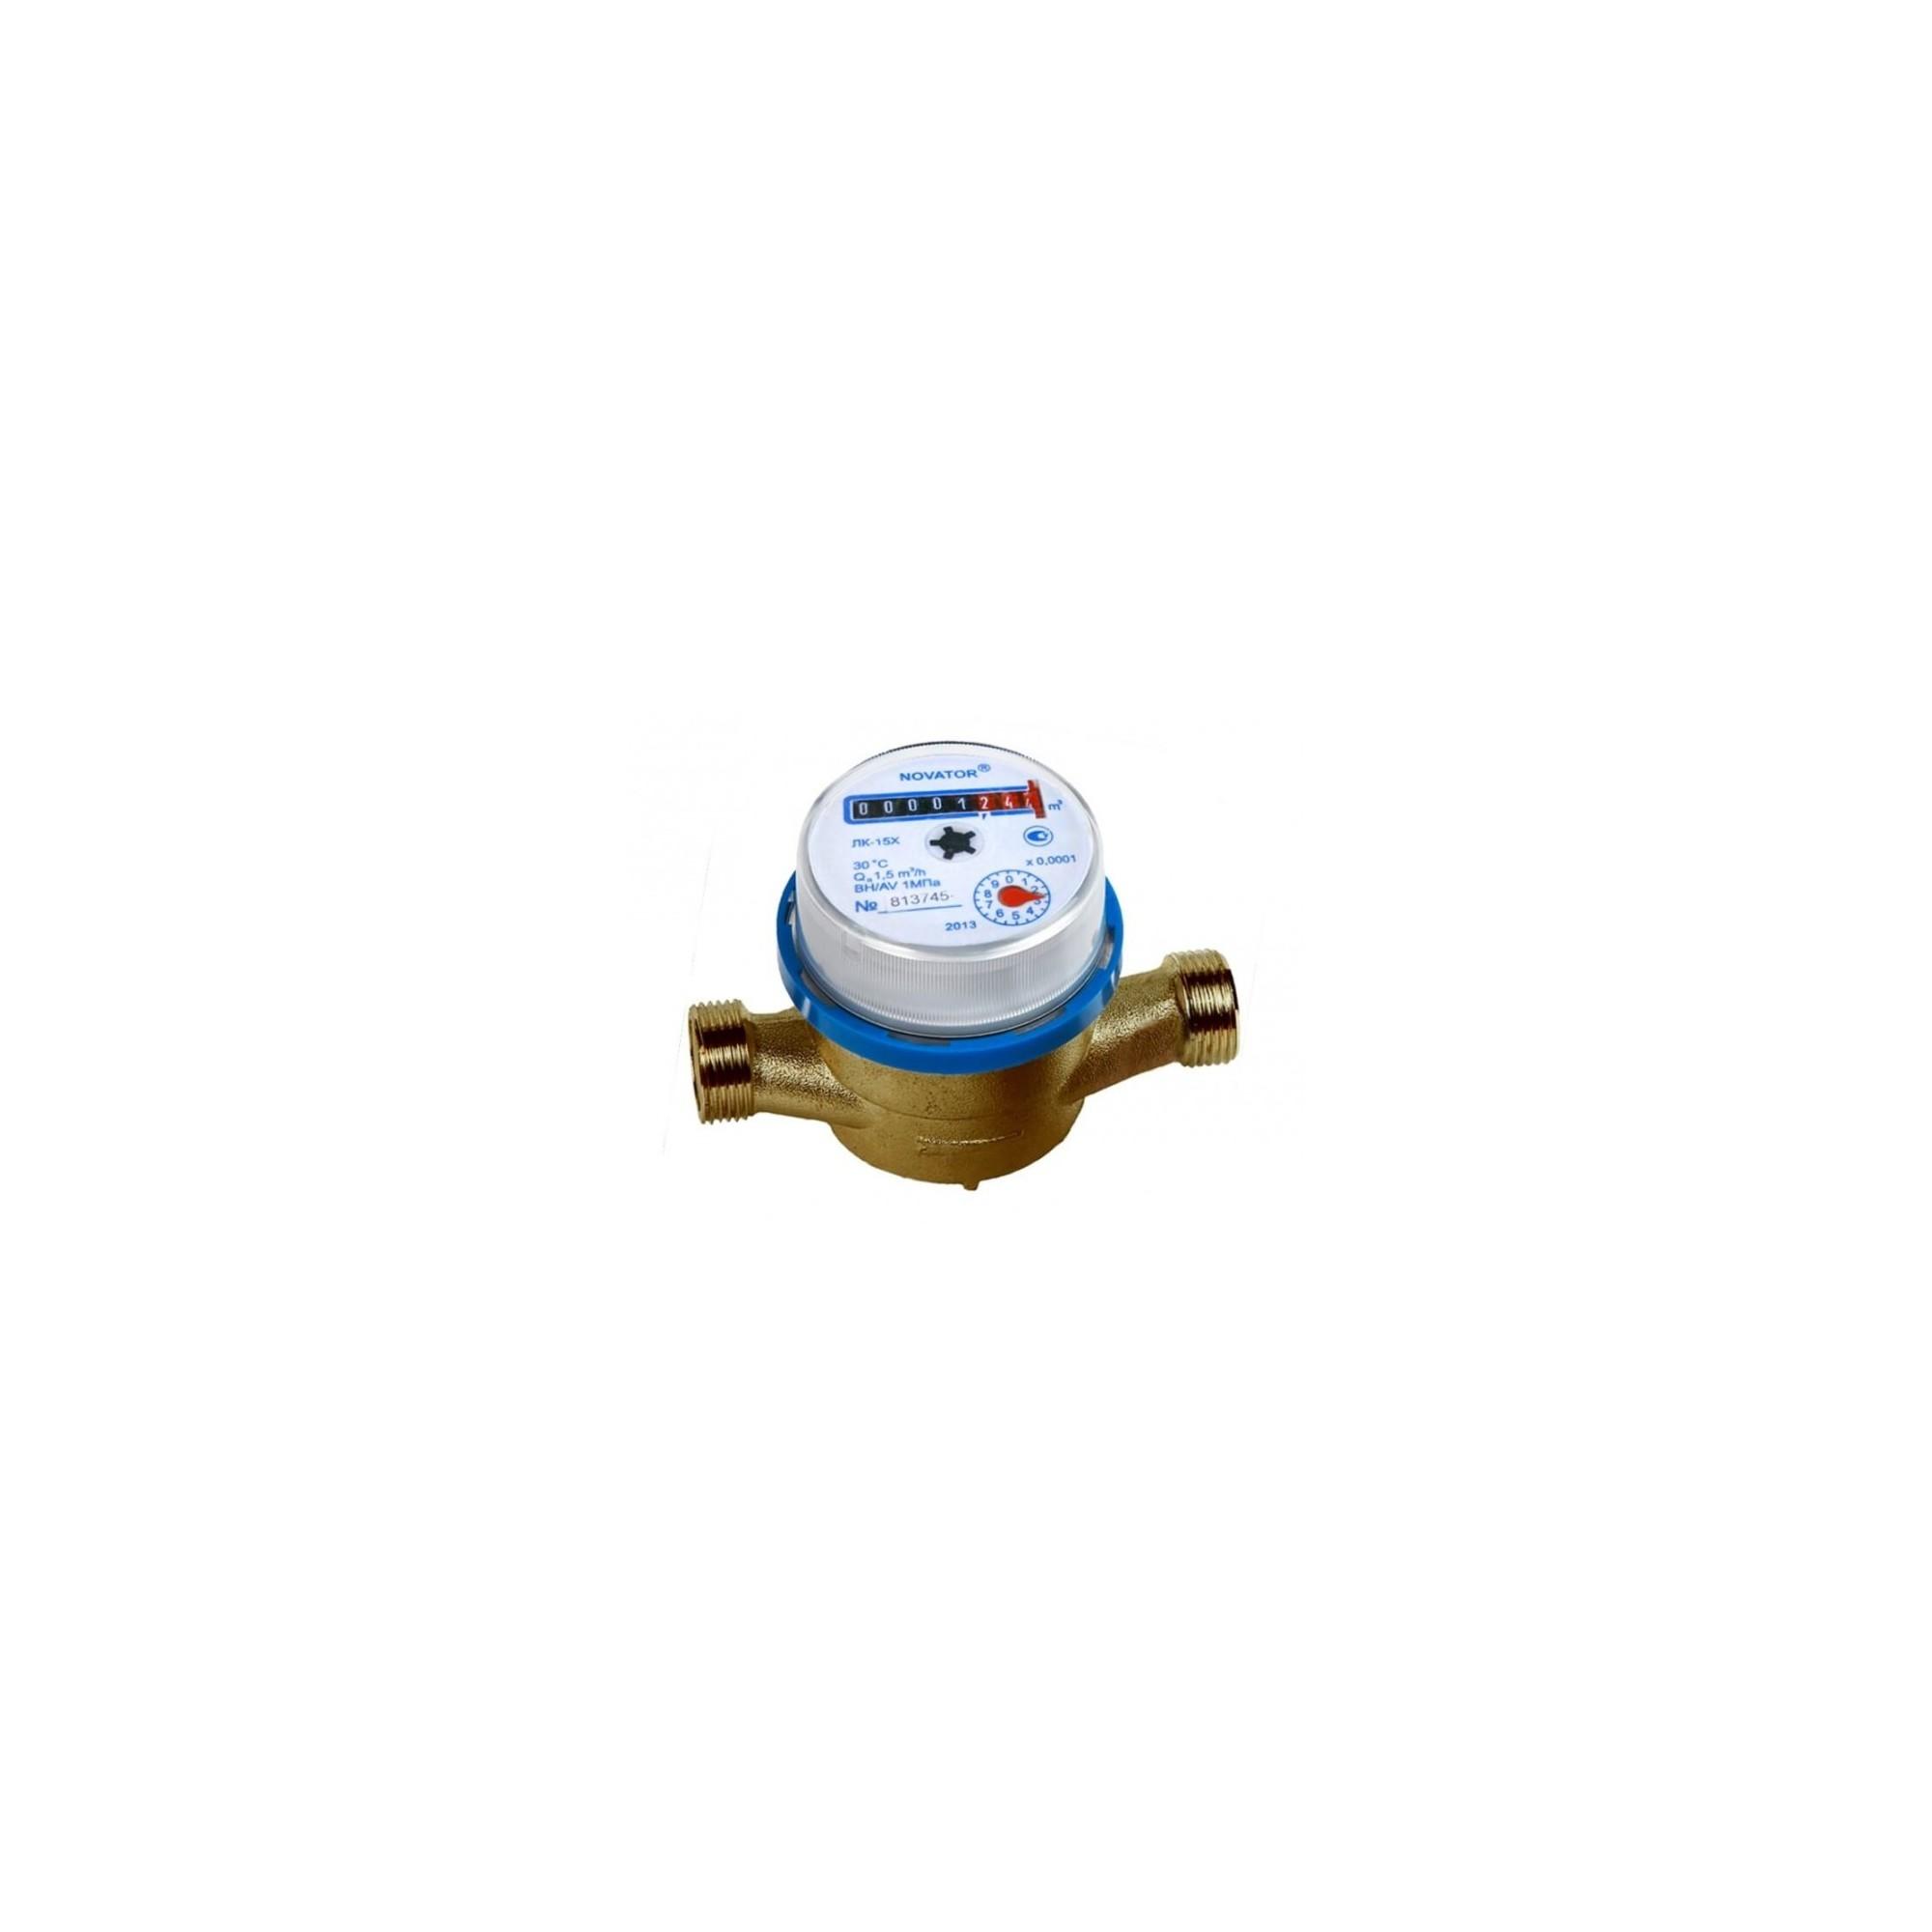 Счетчики для холодной воды ЛК-15 NOVATOR / ХМЕЛЬНИЦКИЙ  - 1